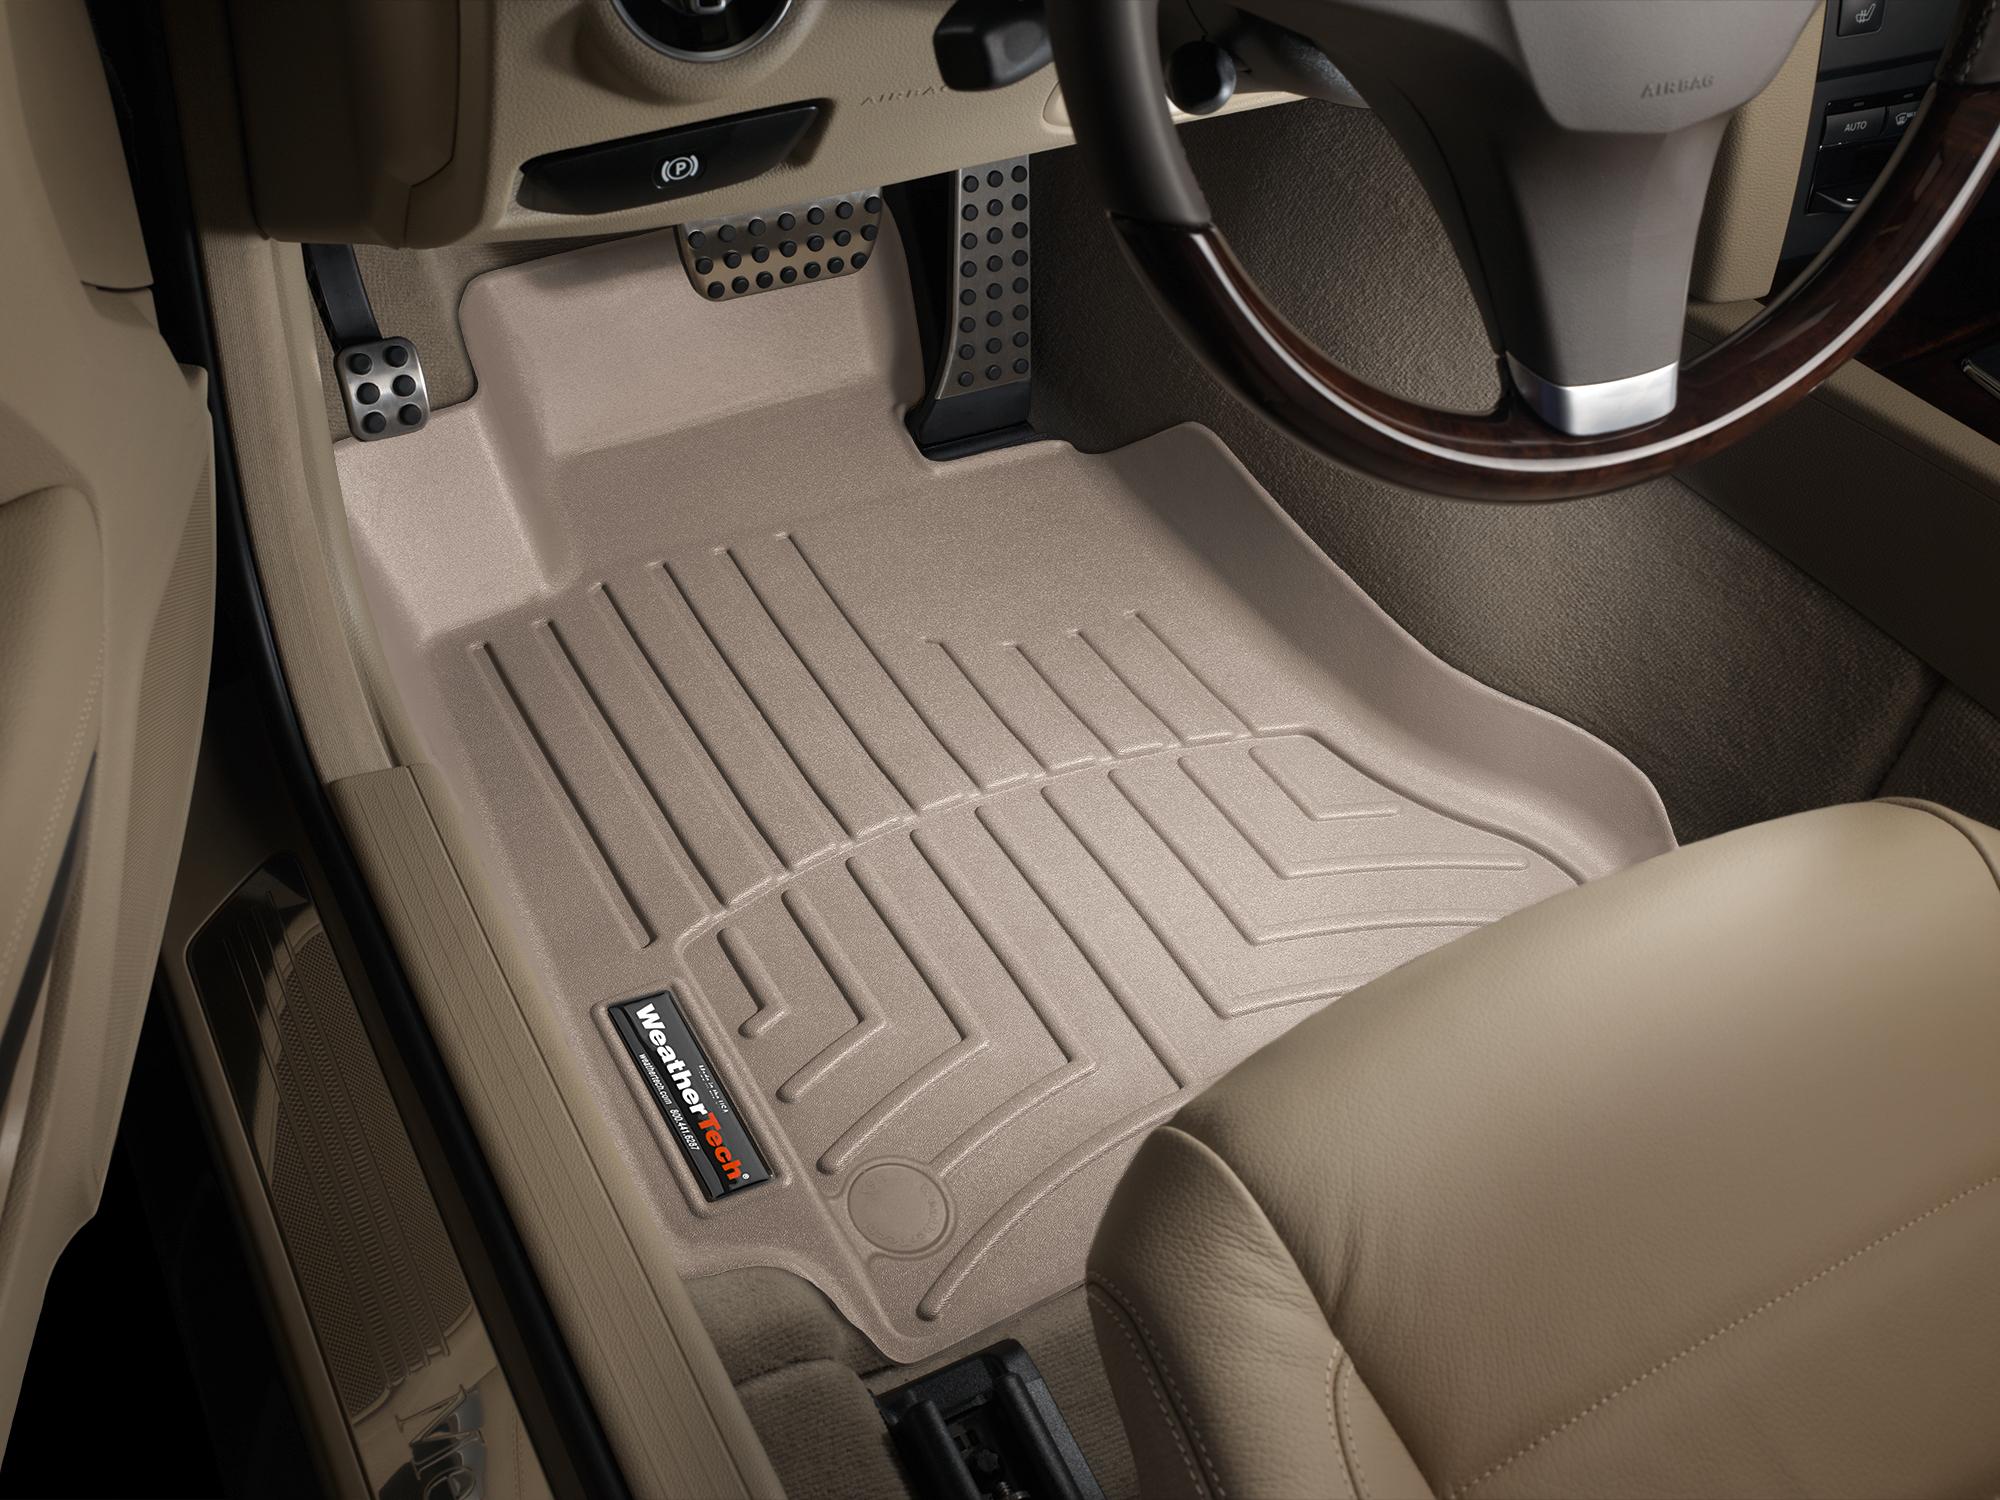 Tappeti gomma su misura bordo alto Mercedes E-Class 09>11 Marrone A2378*